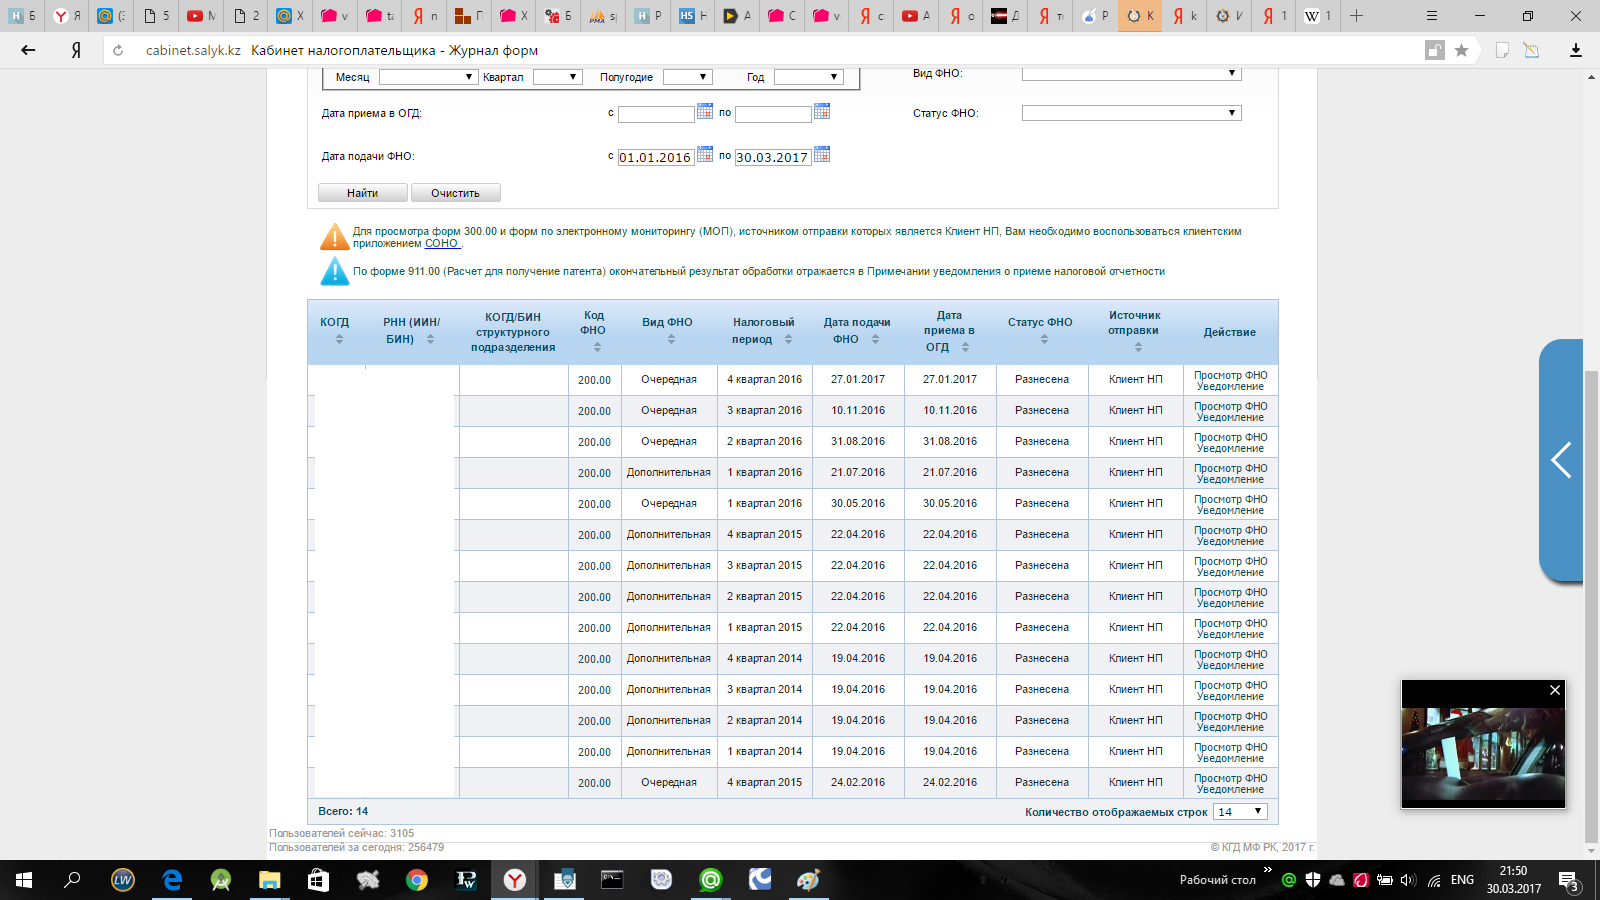 Казахстан: Как я помогал сдать 100 форму налоговой отчетности. Начало 200 форма - 2